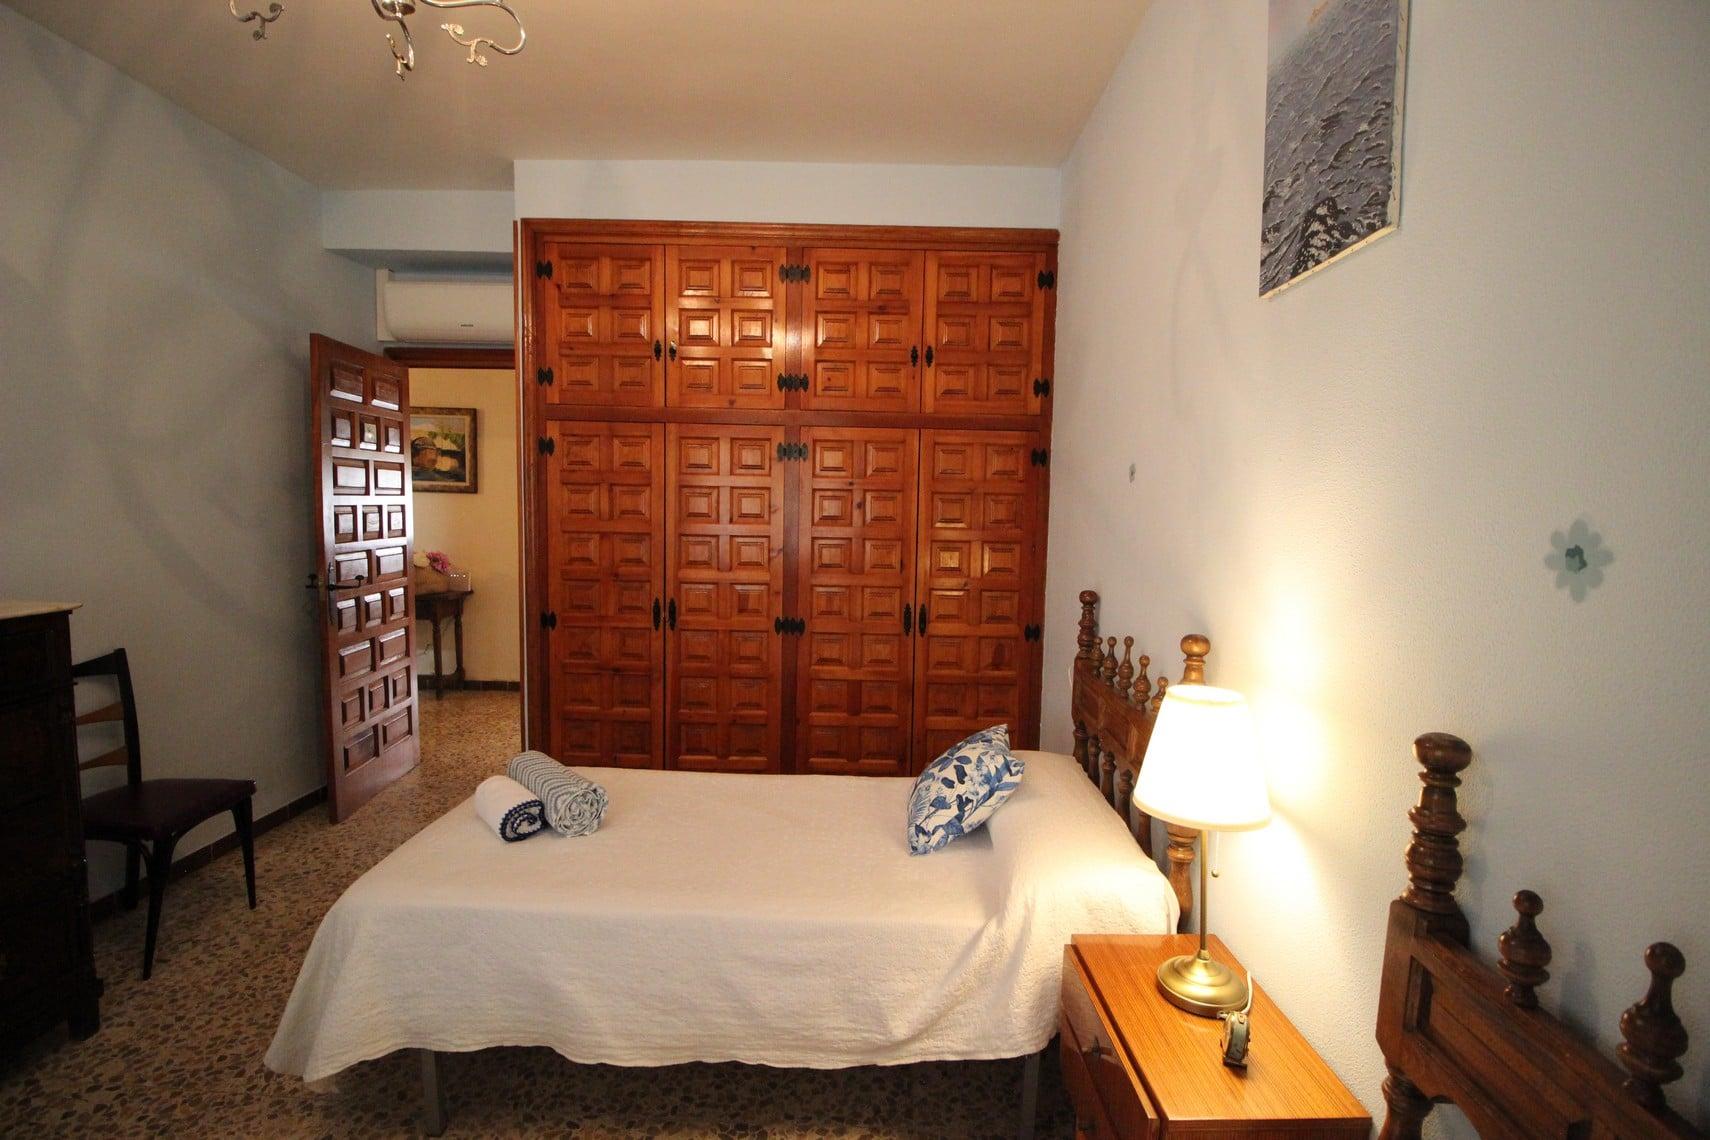 habitación3_las_hazas jarandilla007